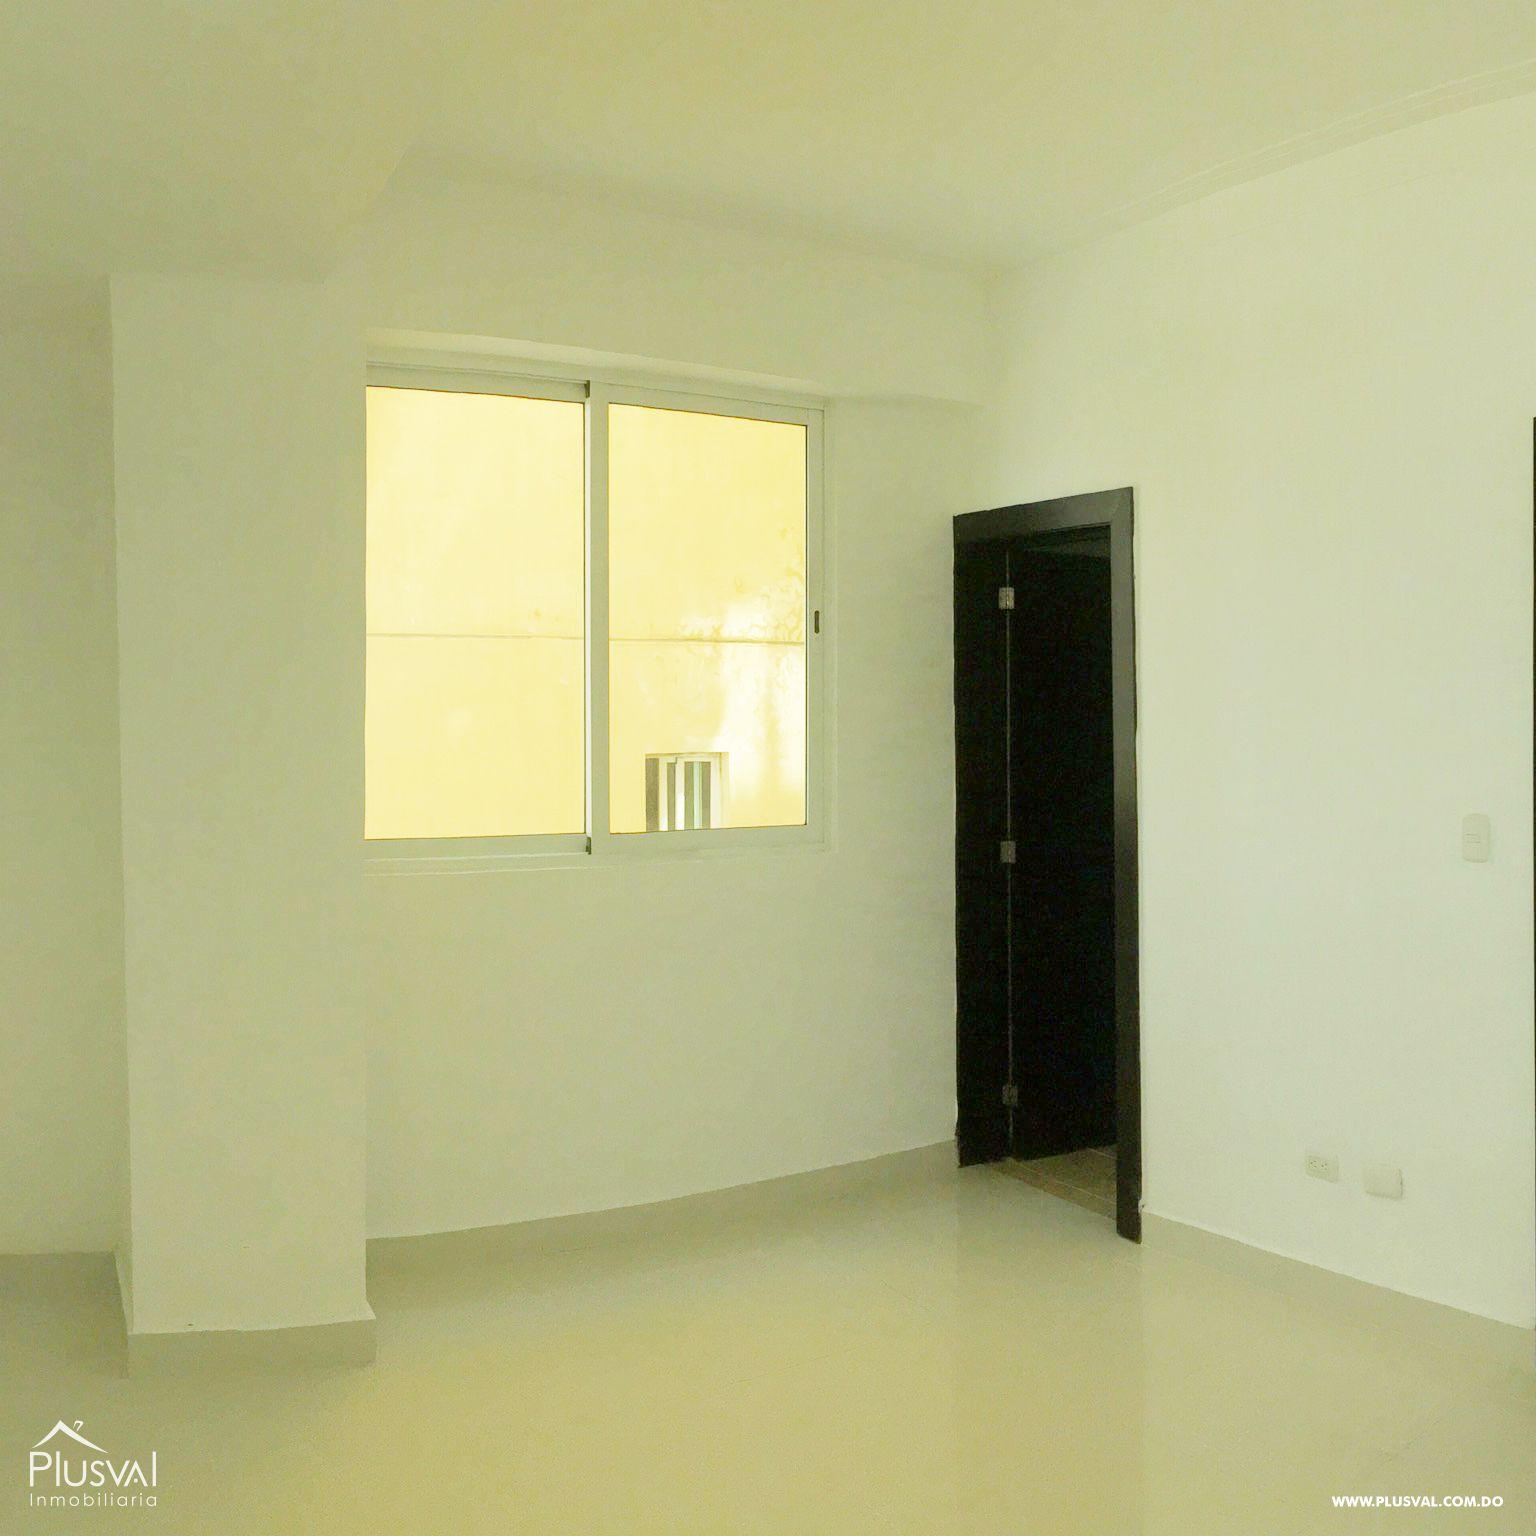 Proyecto residencial en venta, Mirador Norte. 169559